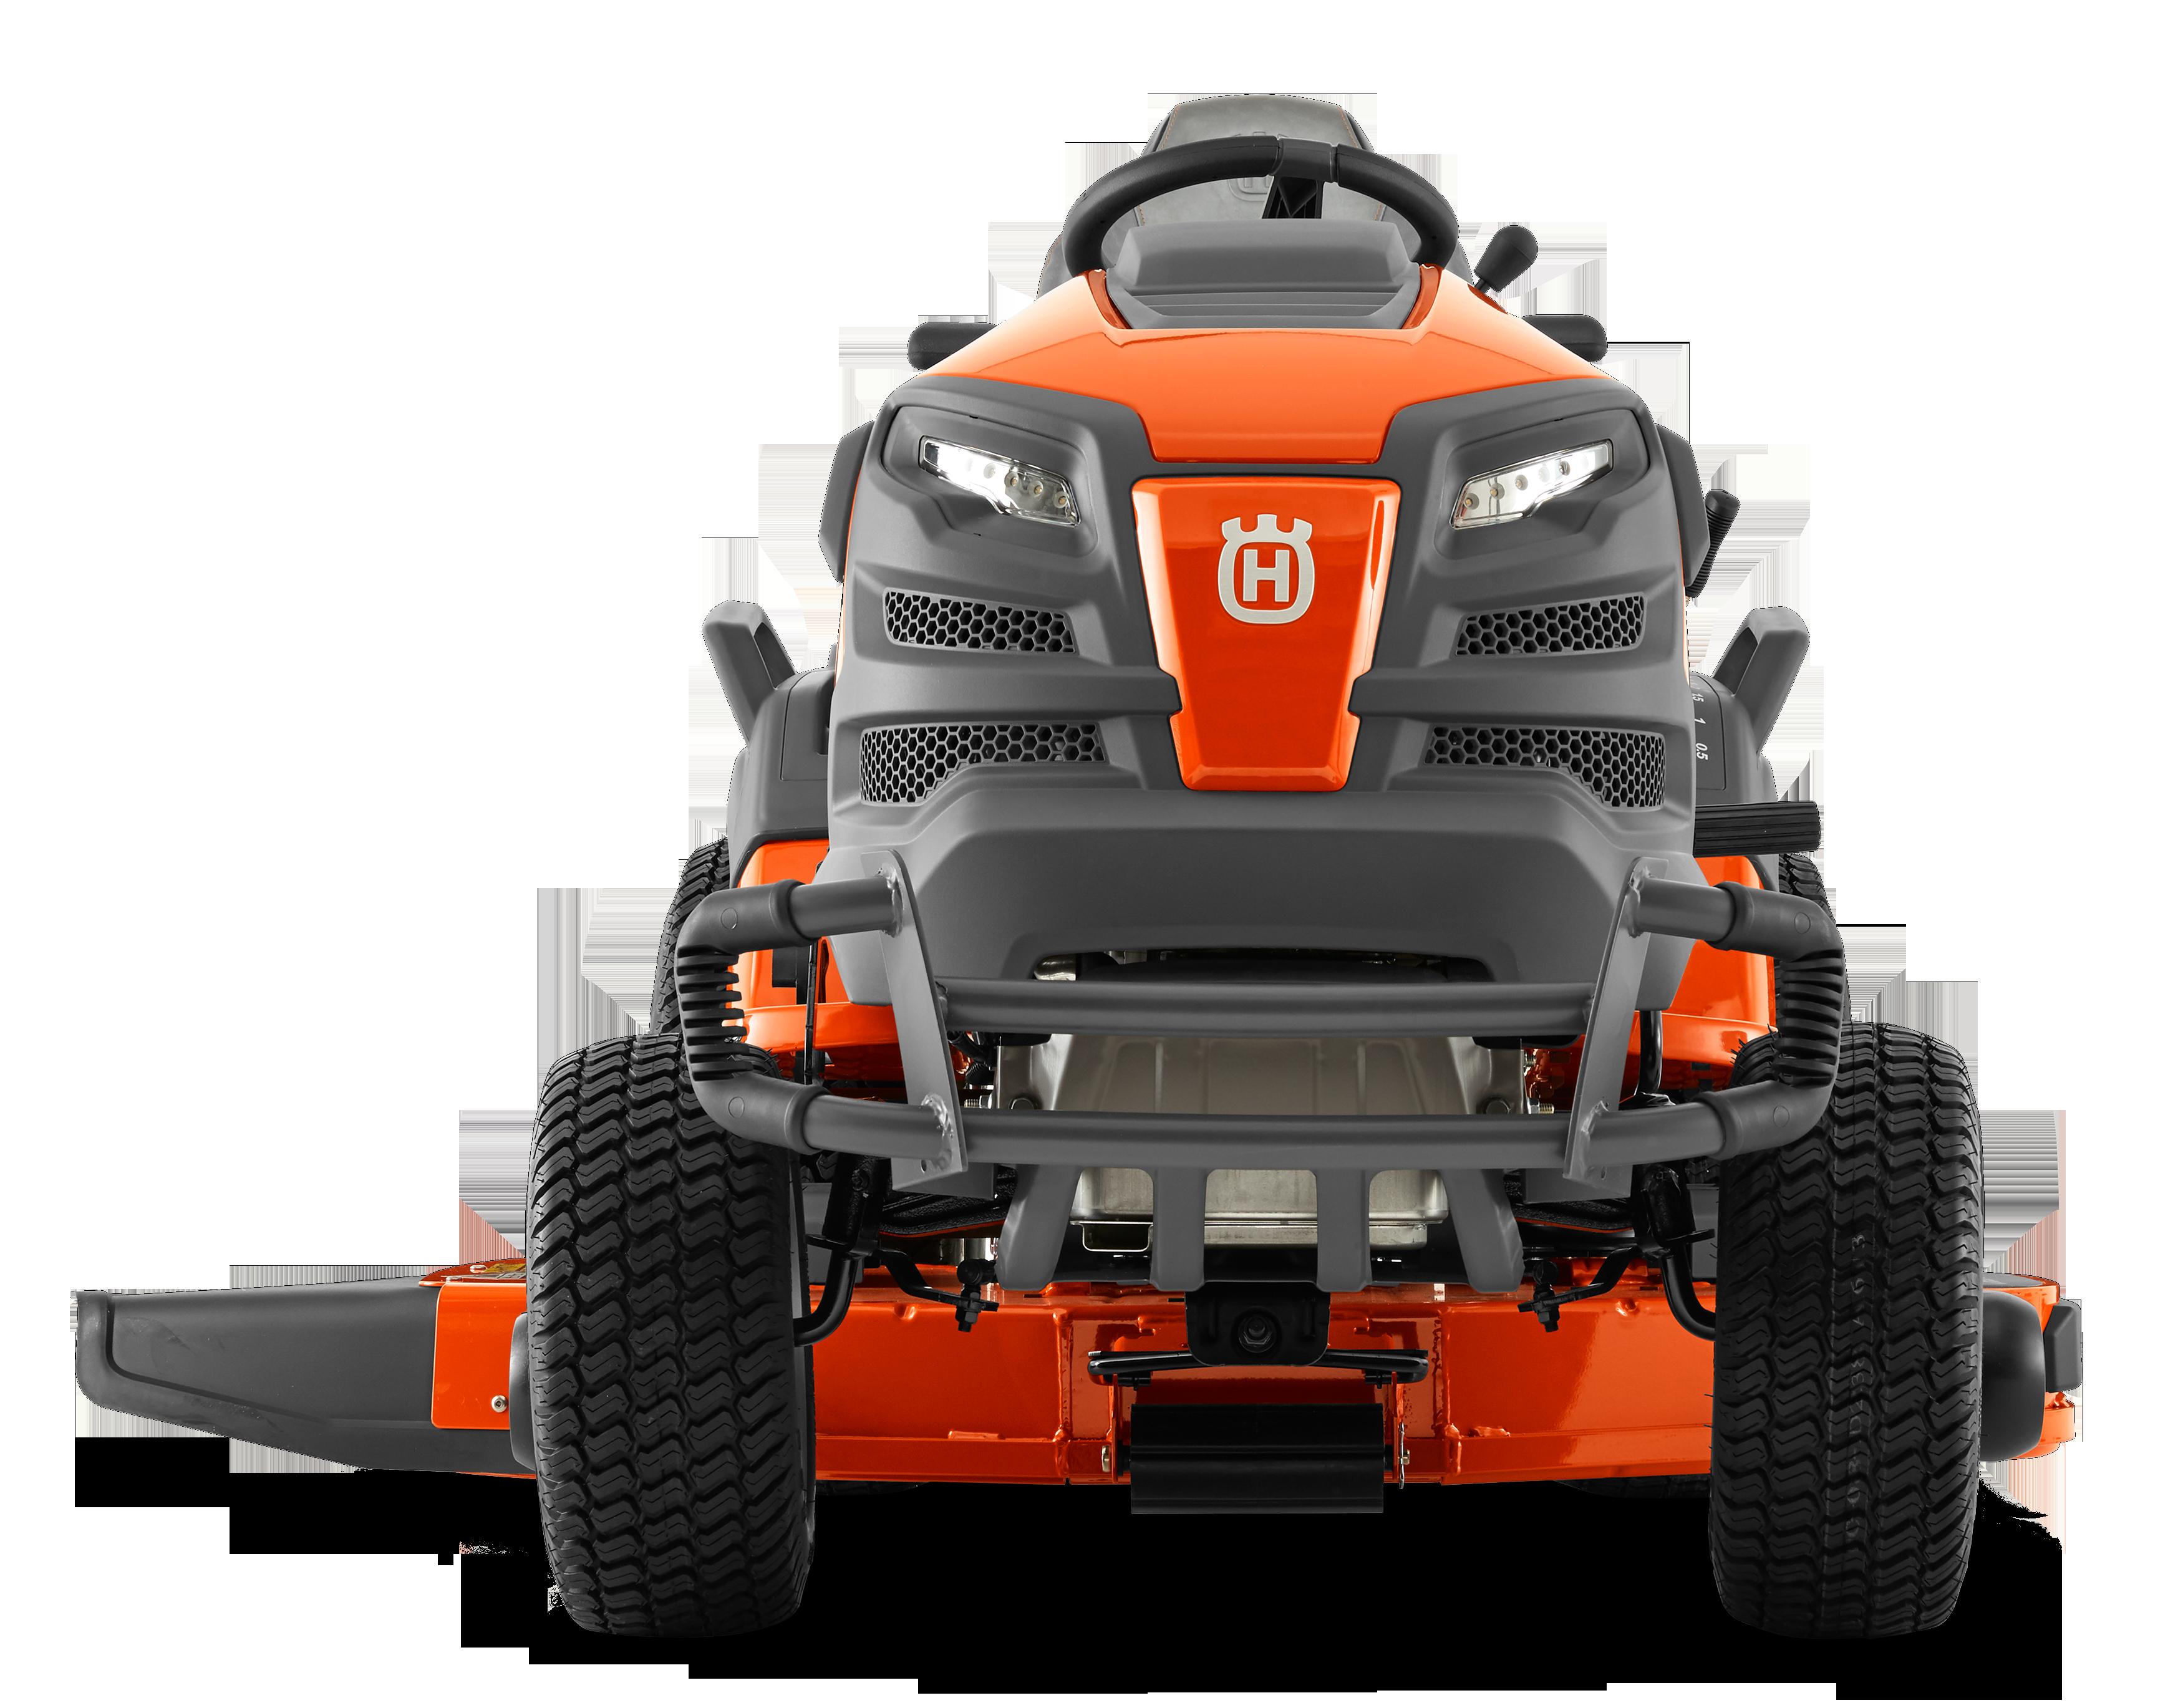 Oranžs Husqvarna raideris, modelis ''TS348'', skats nu priekšas